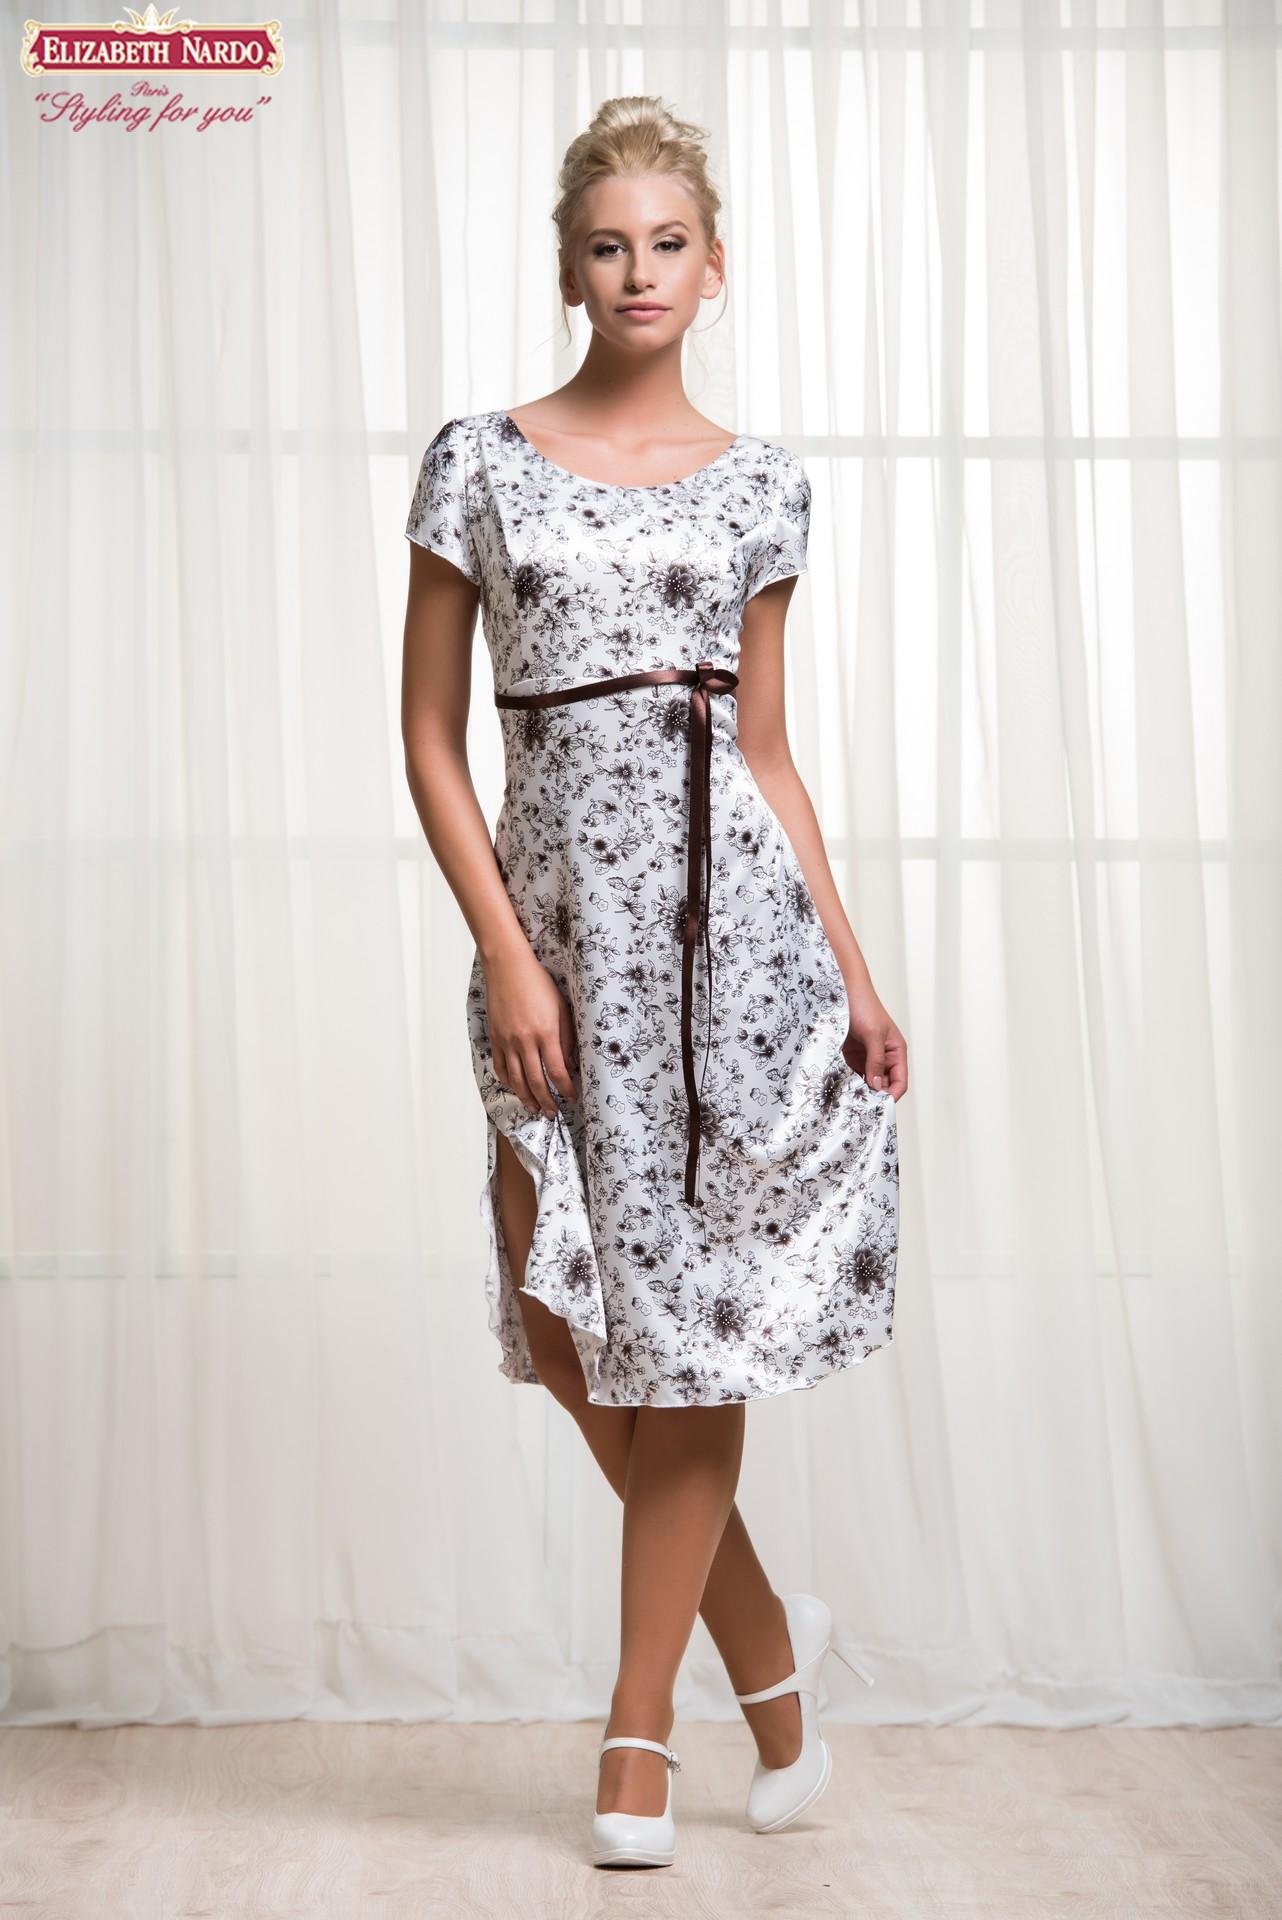 d52e574a02 Örömanya ruha, Renee - Örömanya ruha 17-414 - Menyasszonyi ruhák ...